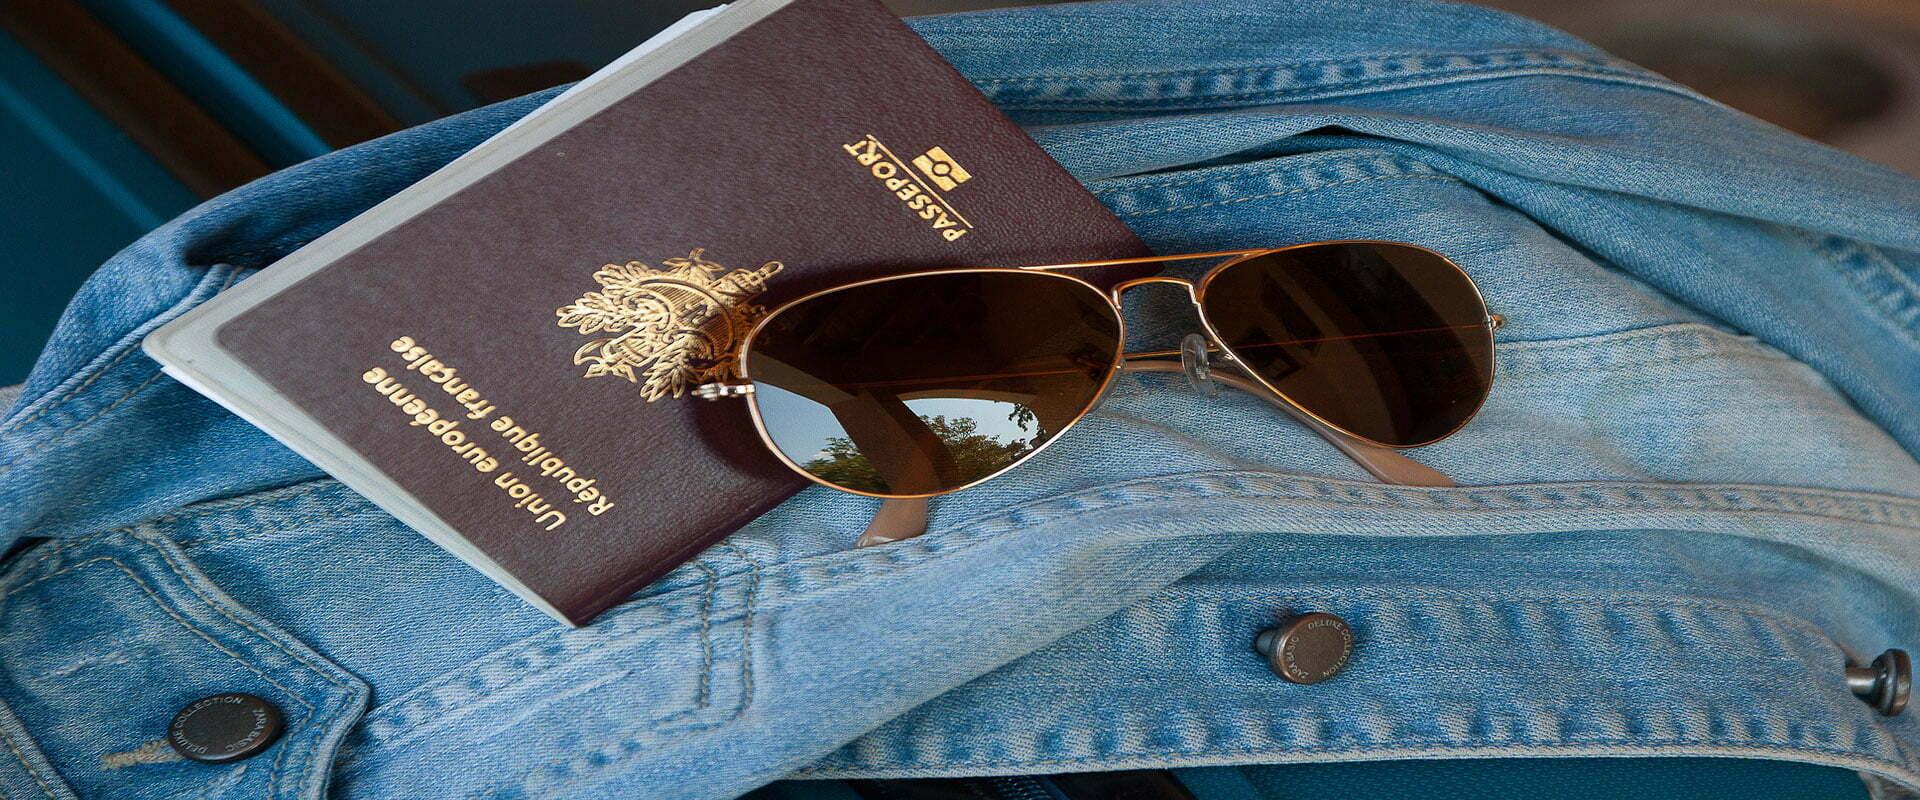 Passport, lunette de soleil et veste en jean